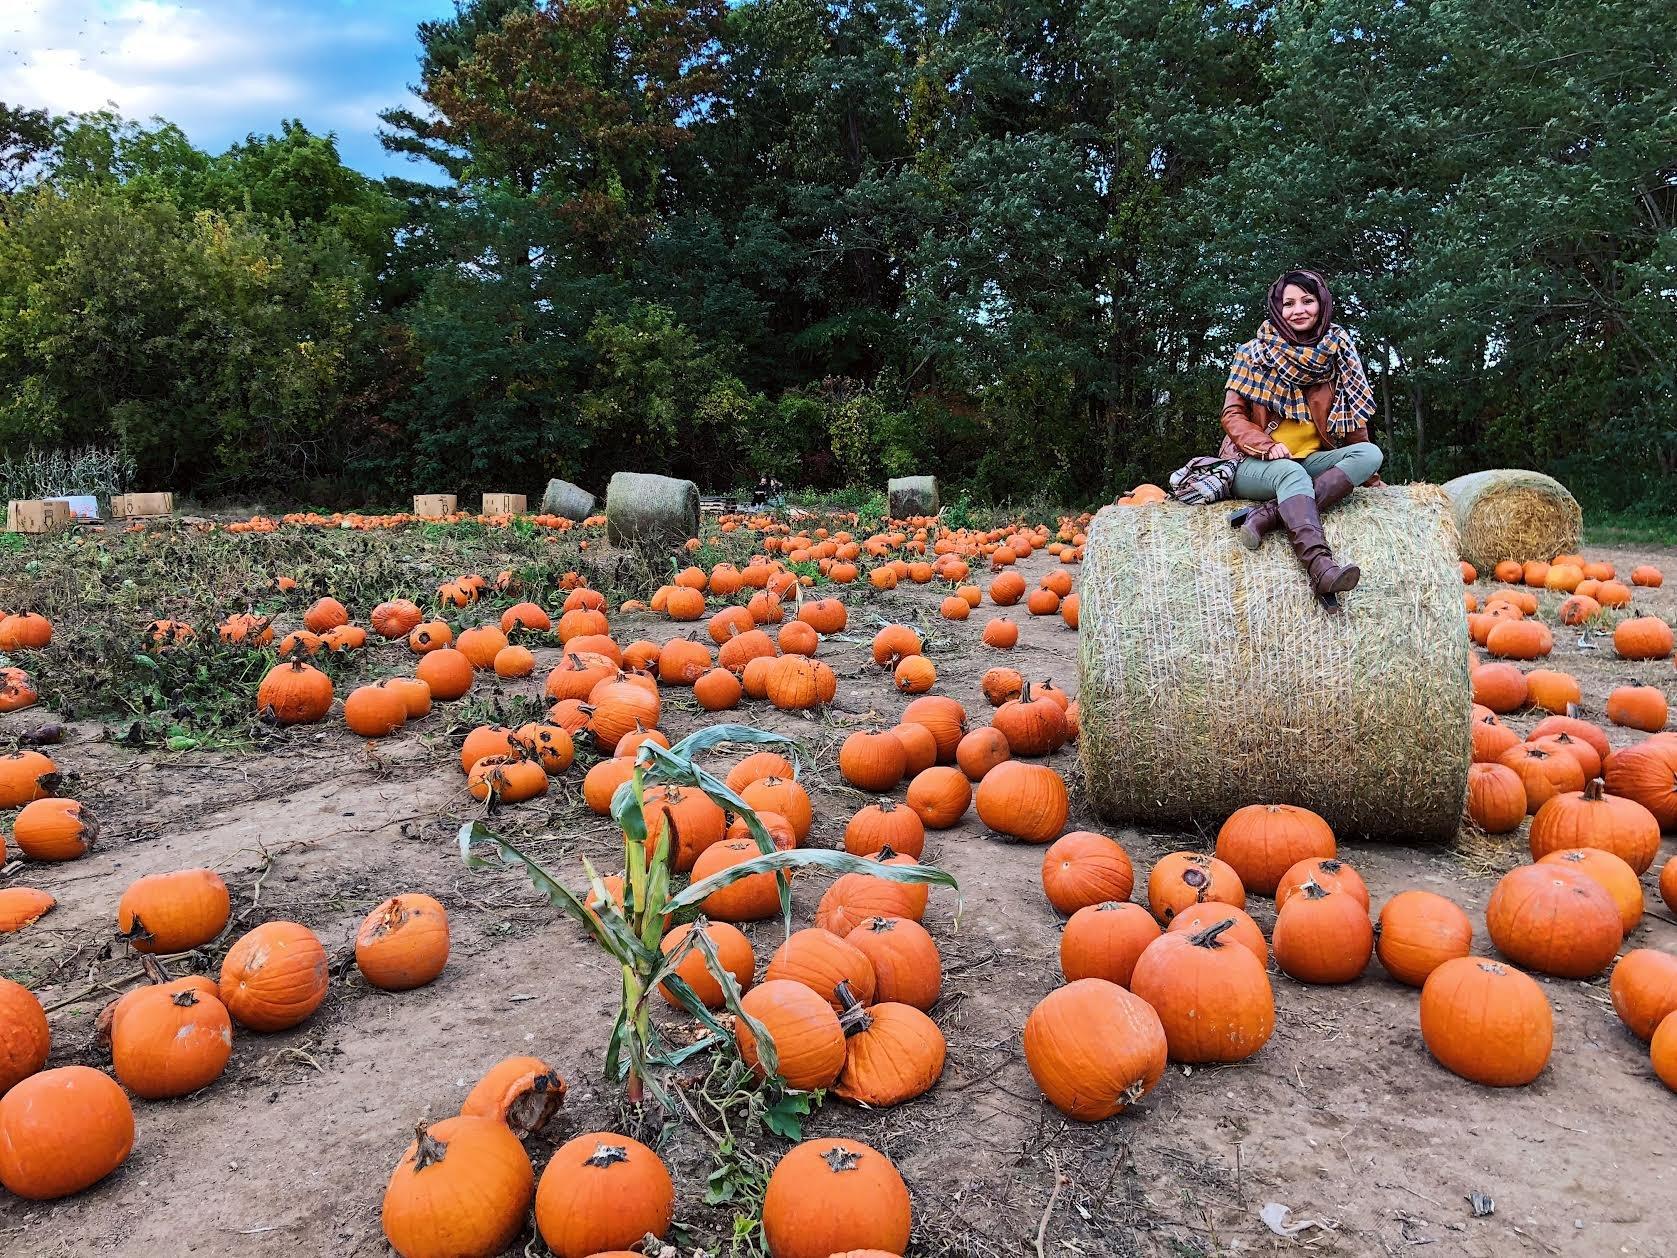 Muslim-travel-New-England-fall-activities-pumpkin-patch-visit